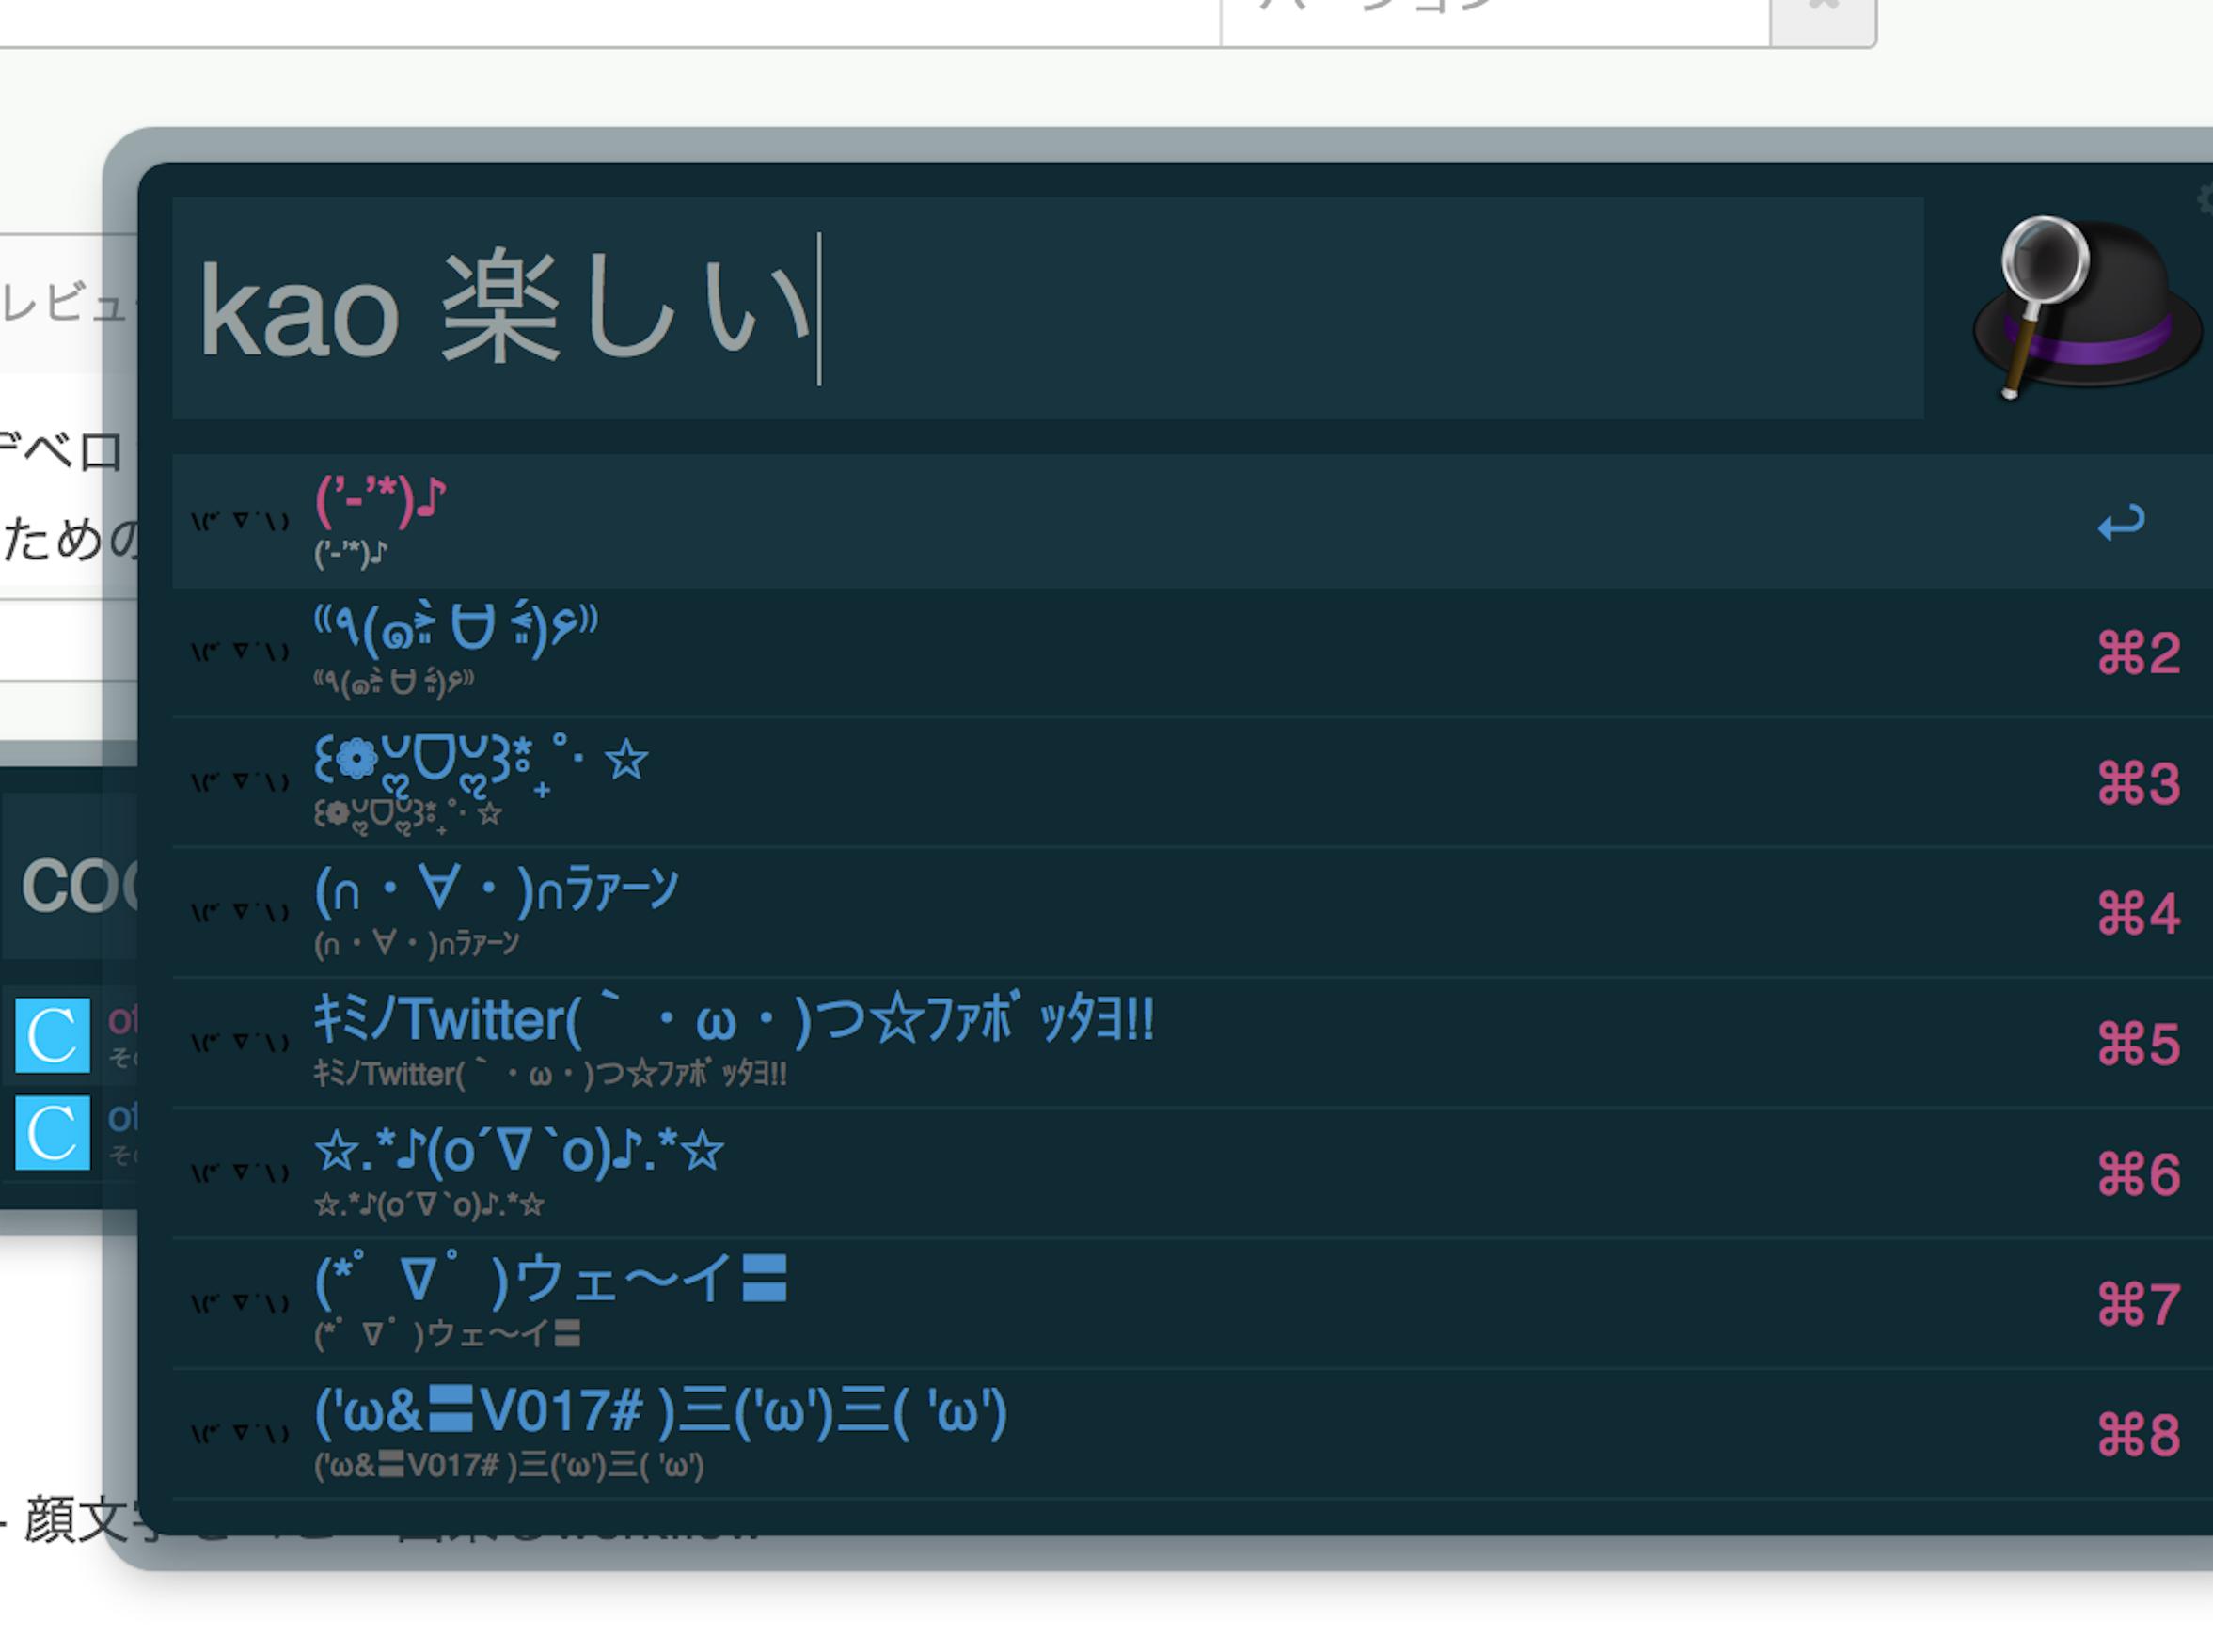 スクリーンショット 2014-12-18 18.59.06.png